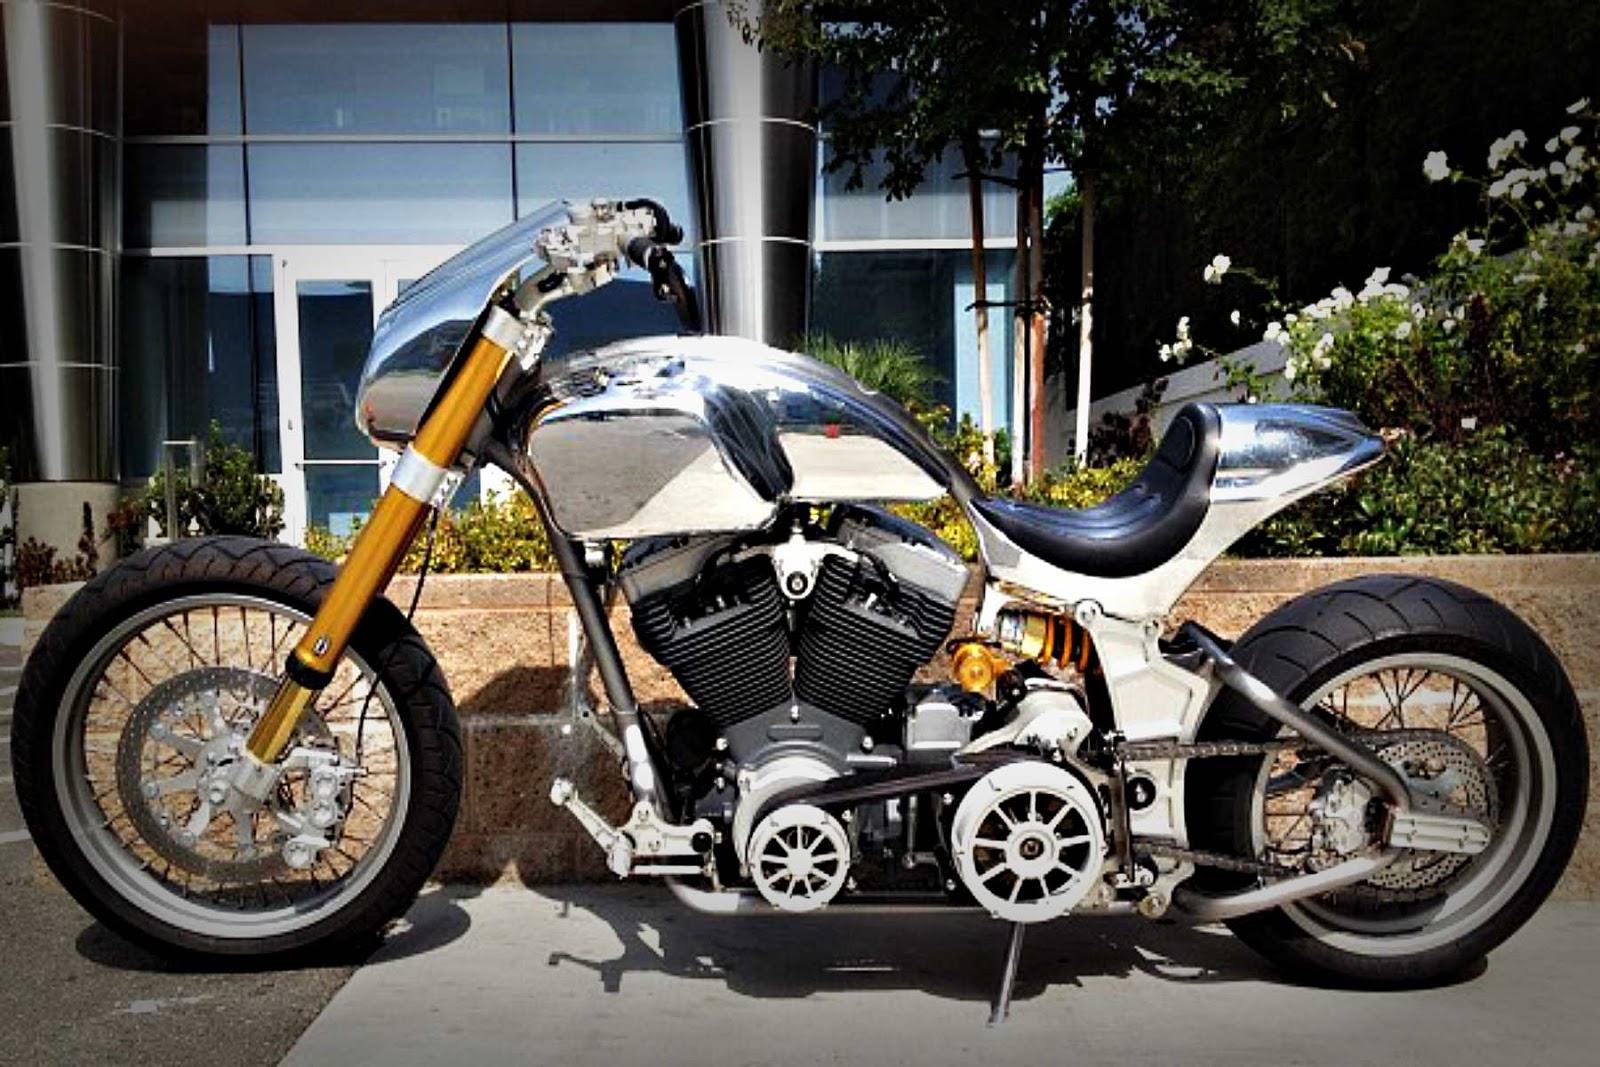 http://3.bp.blogspot.com/-3WhioTkCjIQ/TqHVymESAXI/AAAAAAAAAOI/O19HtL41Frs/s1600/keanu+21-10-2011+Moto+keanu+008da36896db4ab9abb5390132081b47_7%2528CPR%2529.jpg